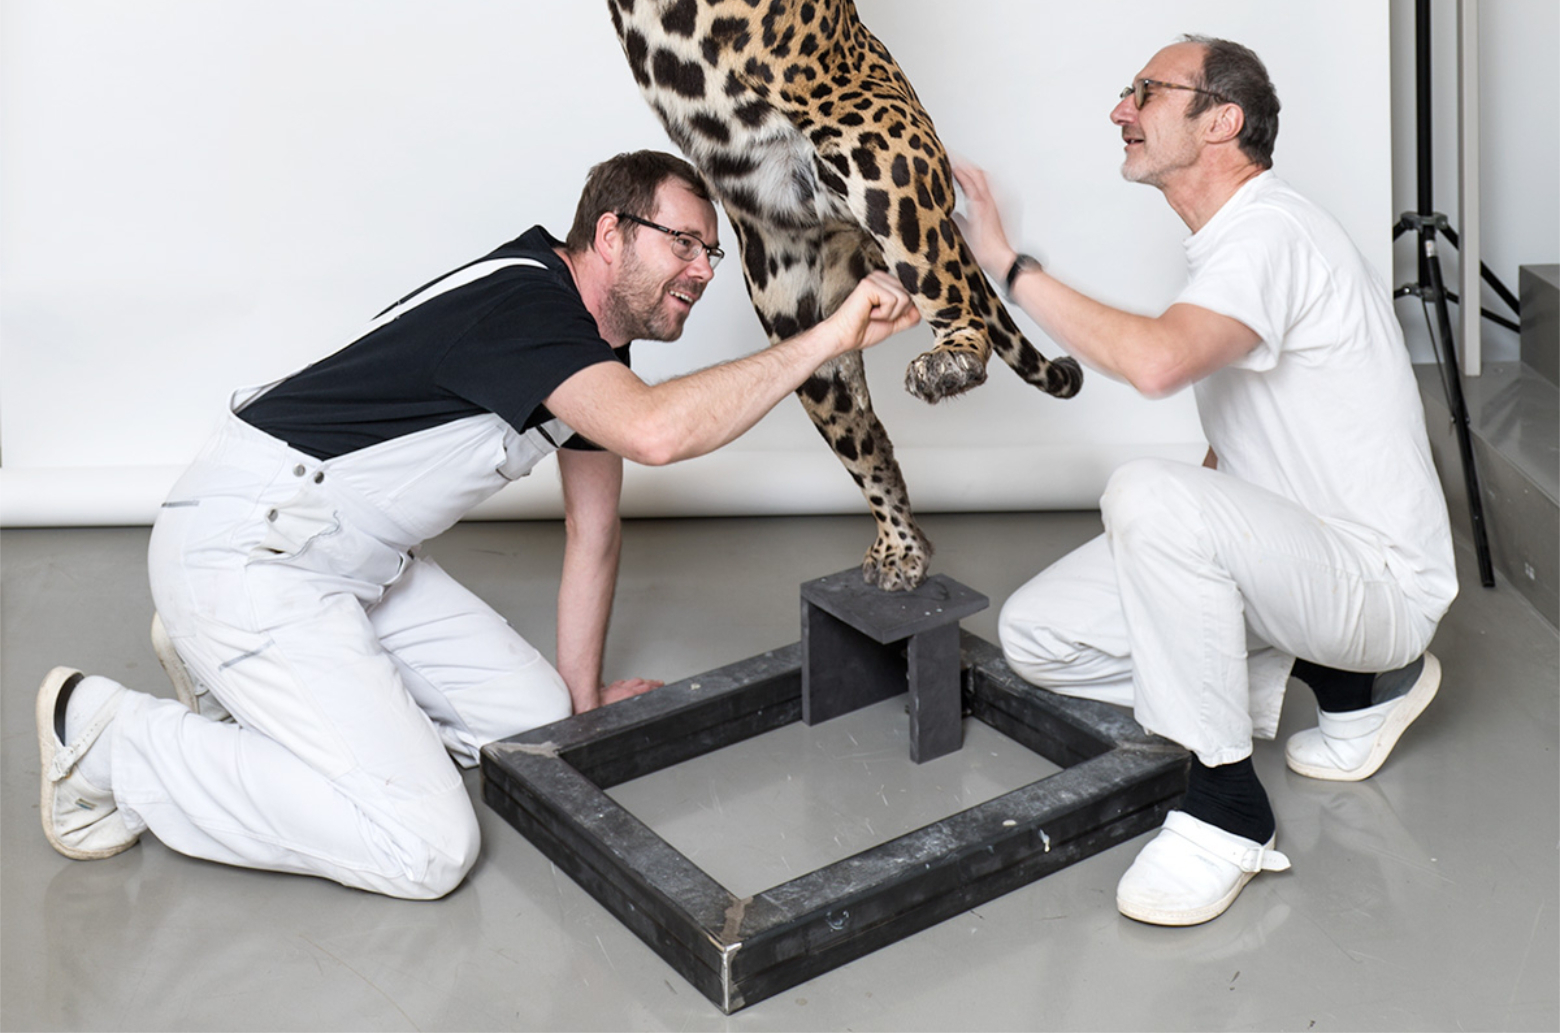 Bewahren für die Zukunft: Präparatoren des Museums für Naturkunde Berlin arbeiten an einem Jaguar-Modell. Die Sammlungen und Präparate laden ein, Fragen zu stellen. Wie können Museen die Zukunft bereiten? Fragen an Direktor Johannes Vogel. In: Prinzip Apfelbaum. Magazin über das, was bleibt. Foto: Carola Radke/MfN